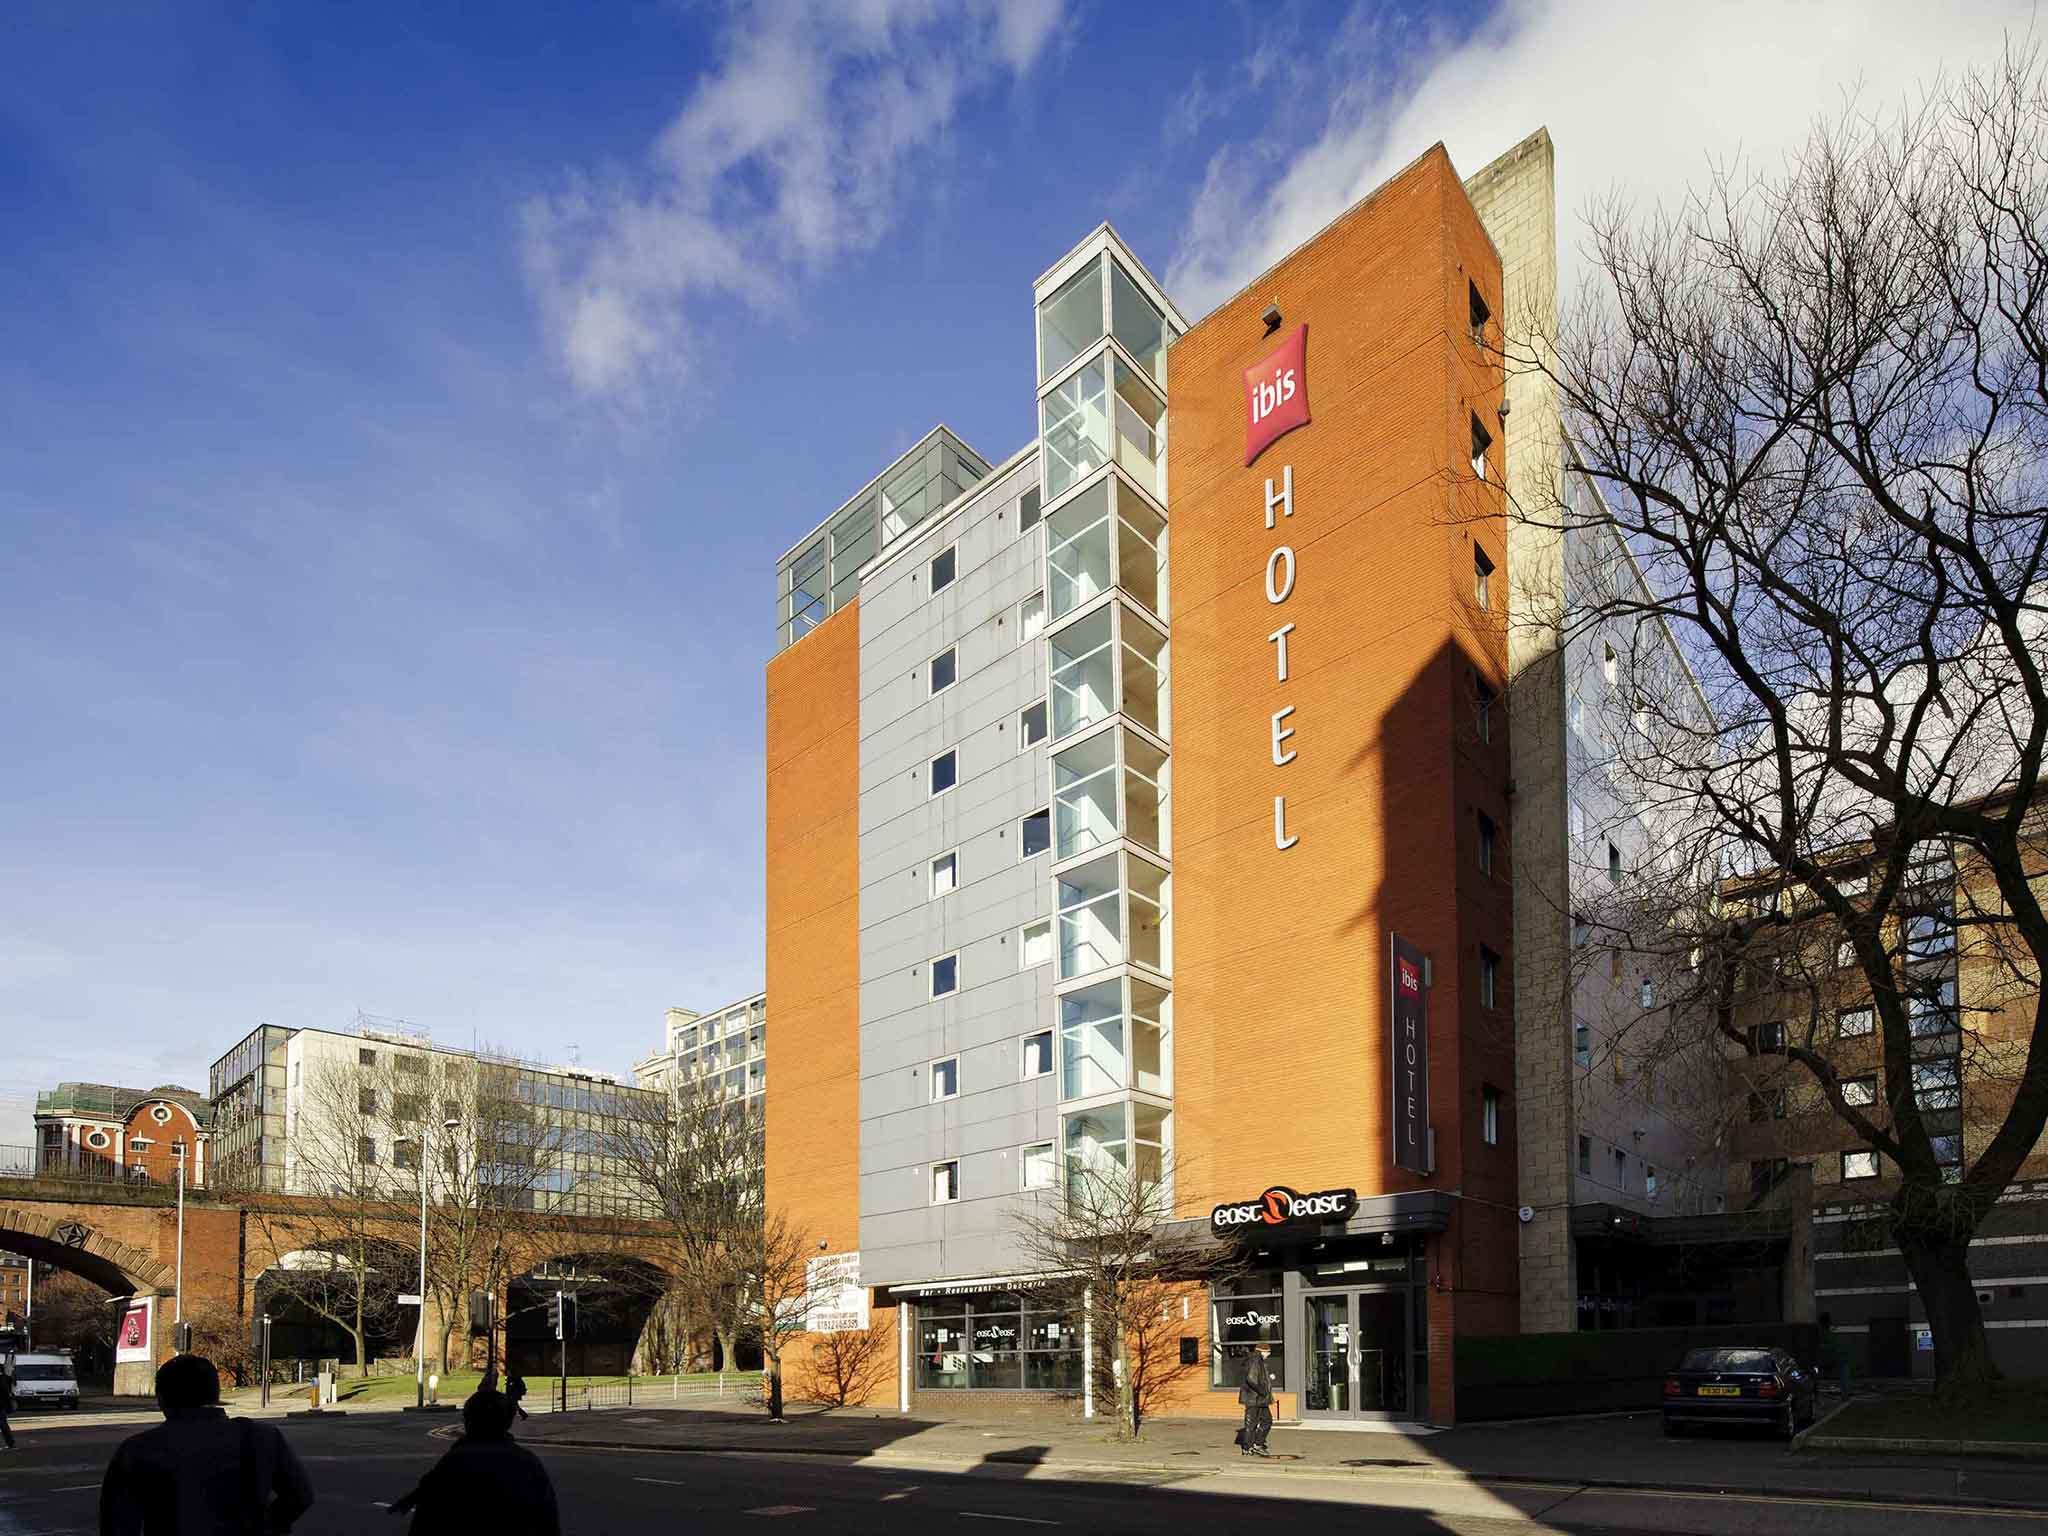 โรงแรม – ibis Manchester Centre Princess Street (new ibis rooms)